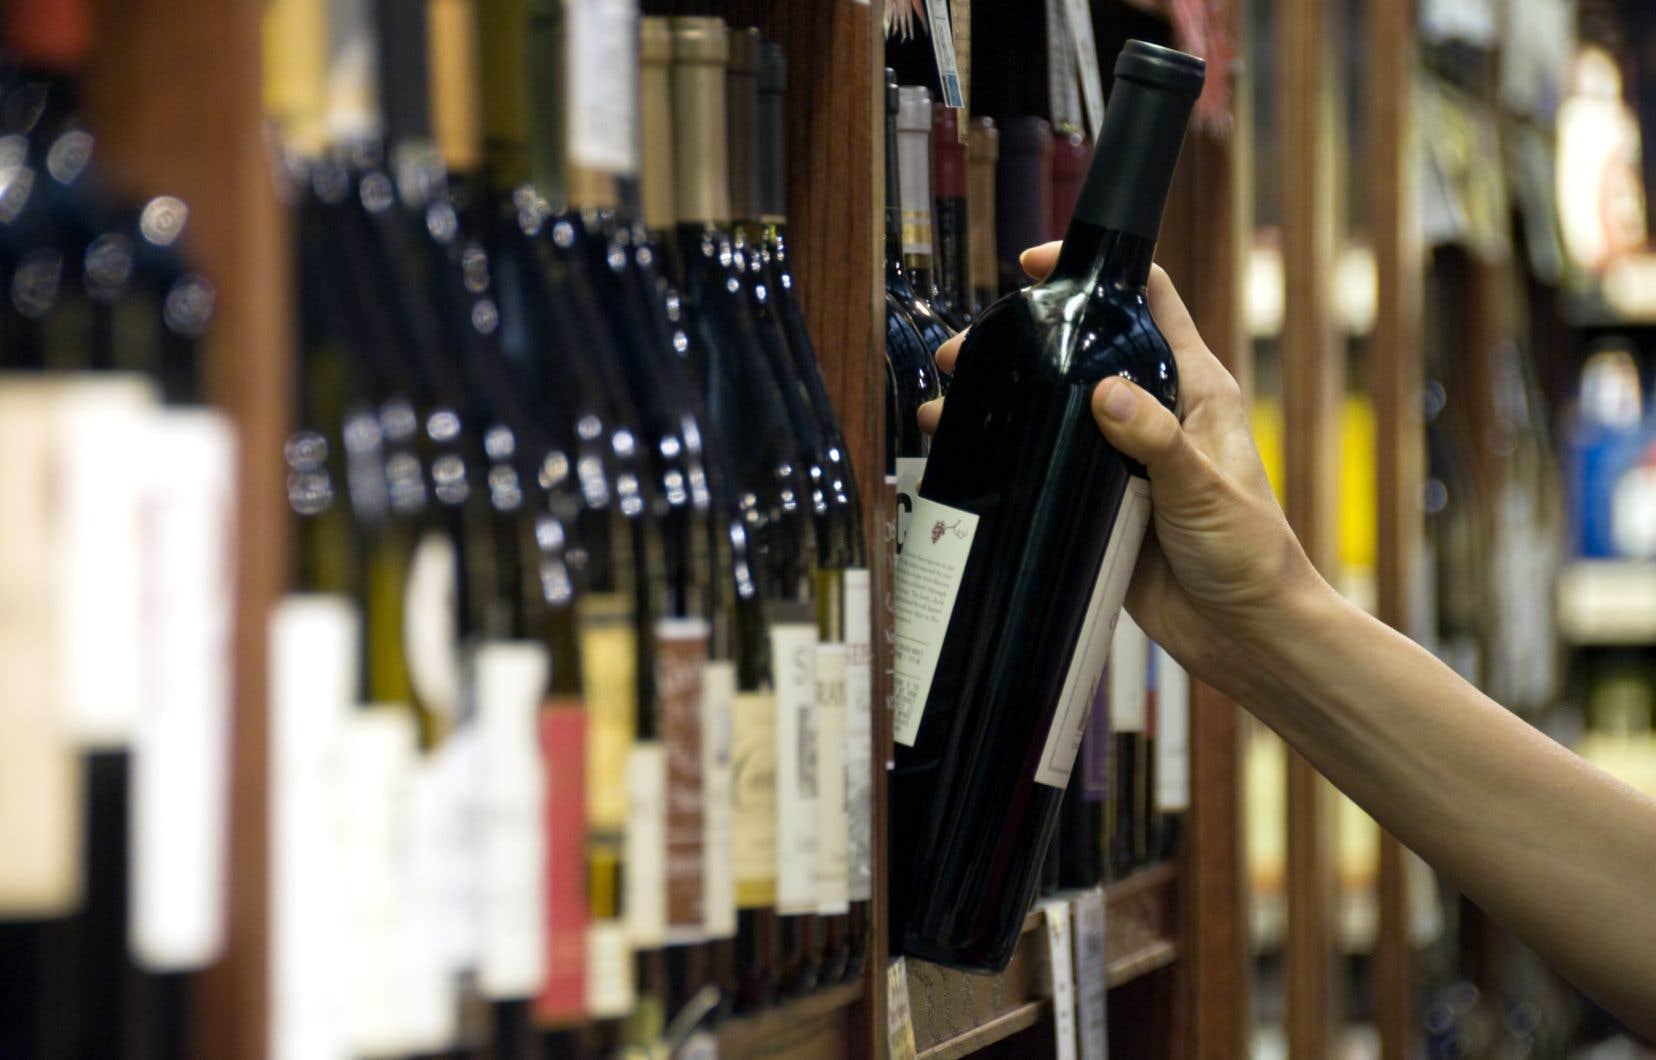 Les heures d'autorisation de la vente d'alcool ne devraient pas être élargies, selon les recommandations du directeur national de la santé publique.